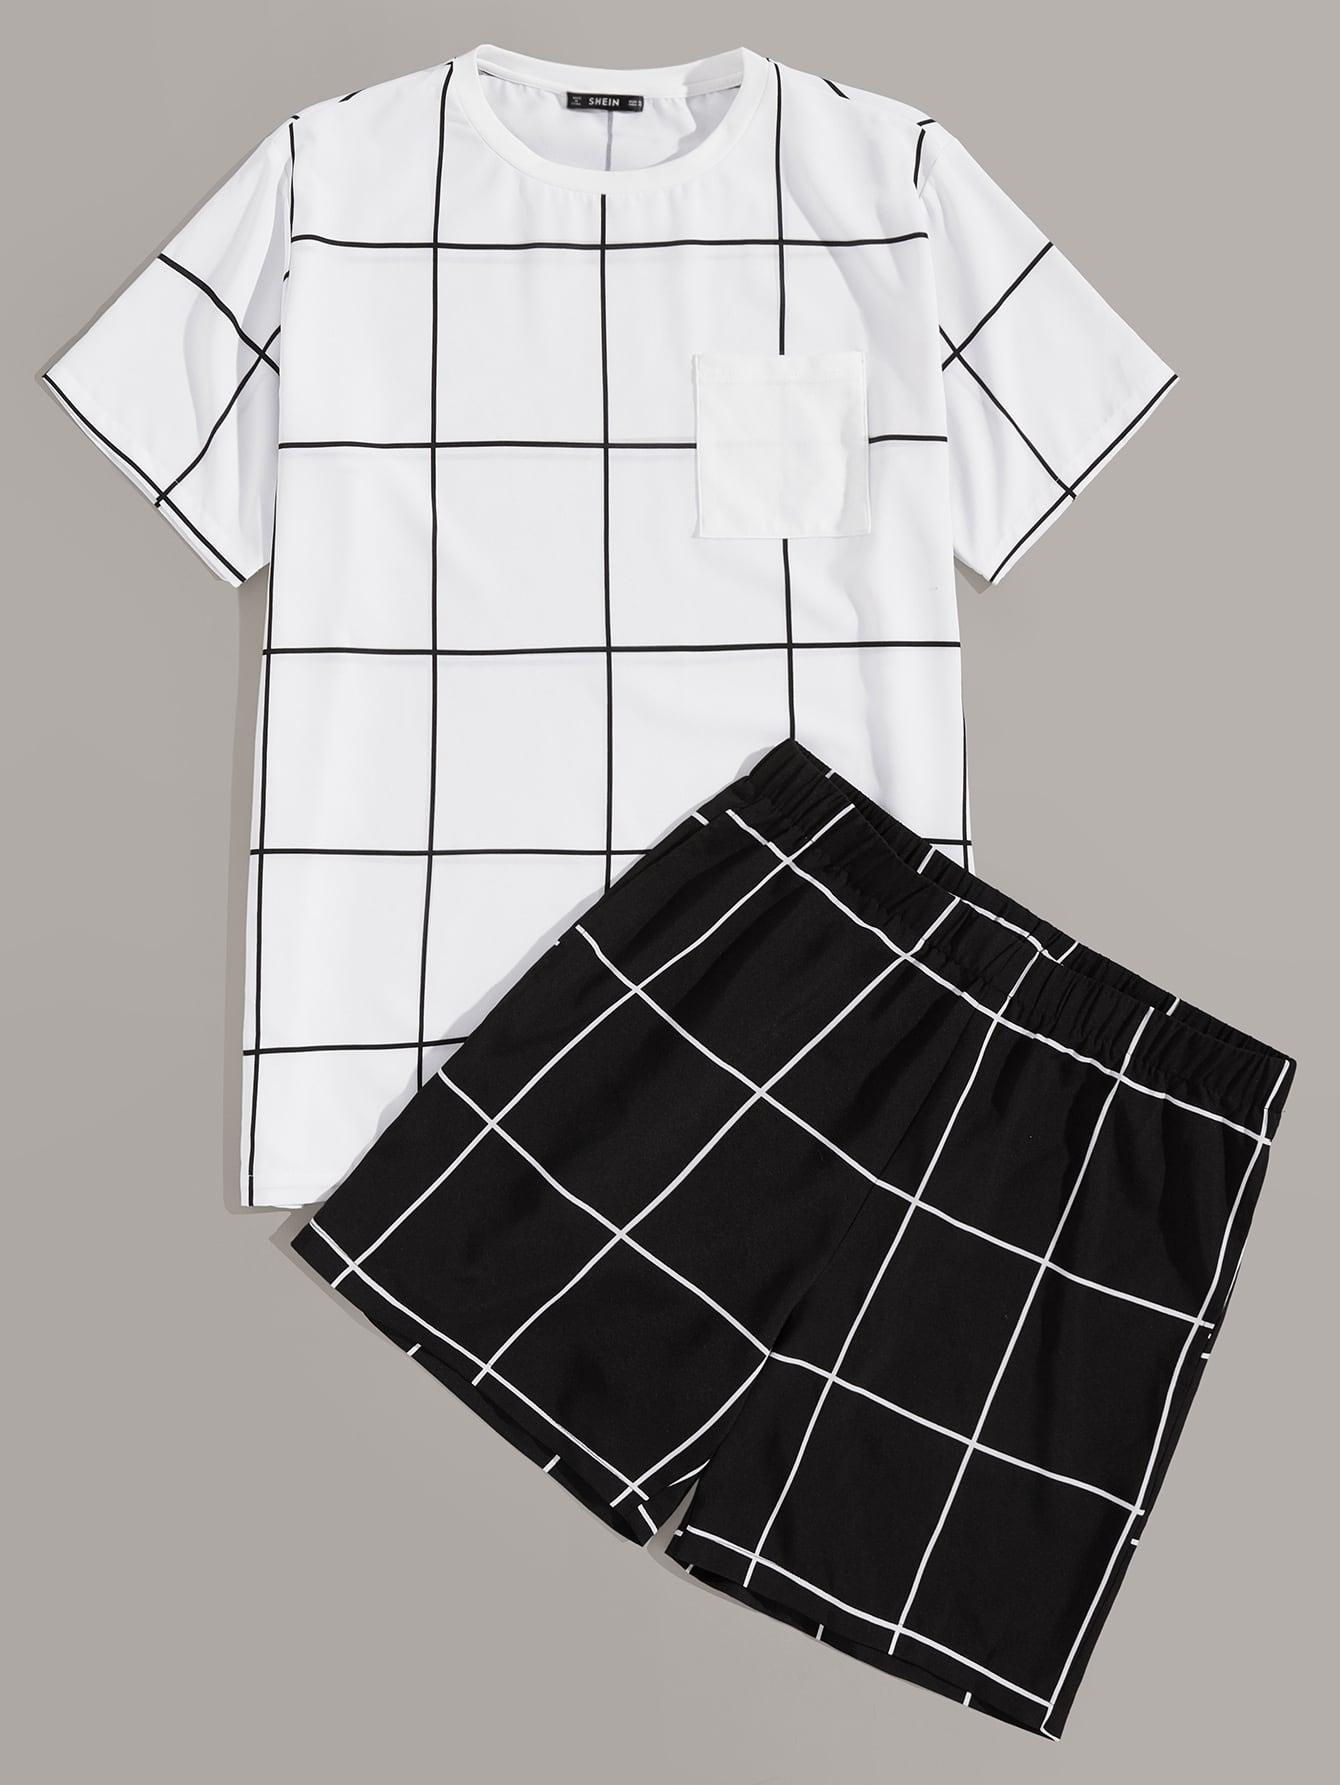 Фото - Мужской топ в клетку с карманом и шорты от SheIn цвет чёрнобелые